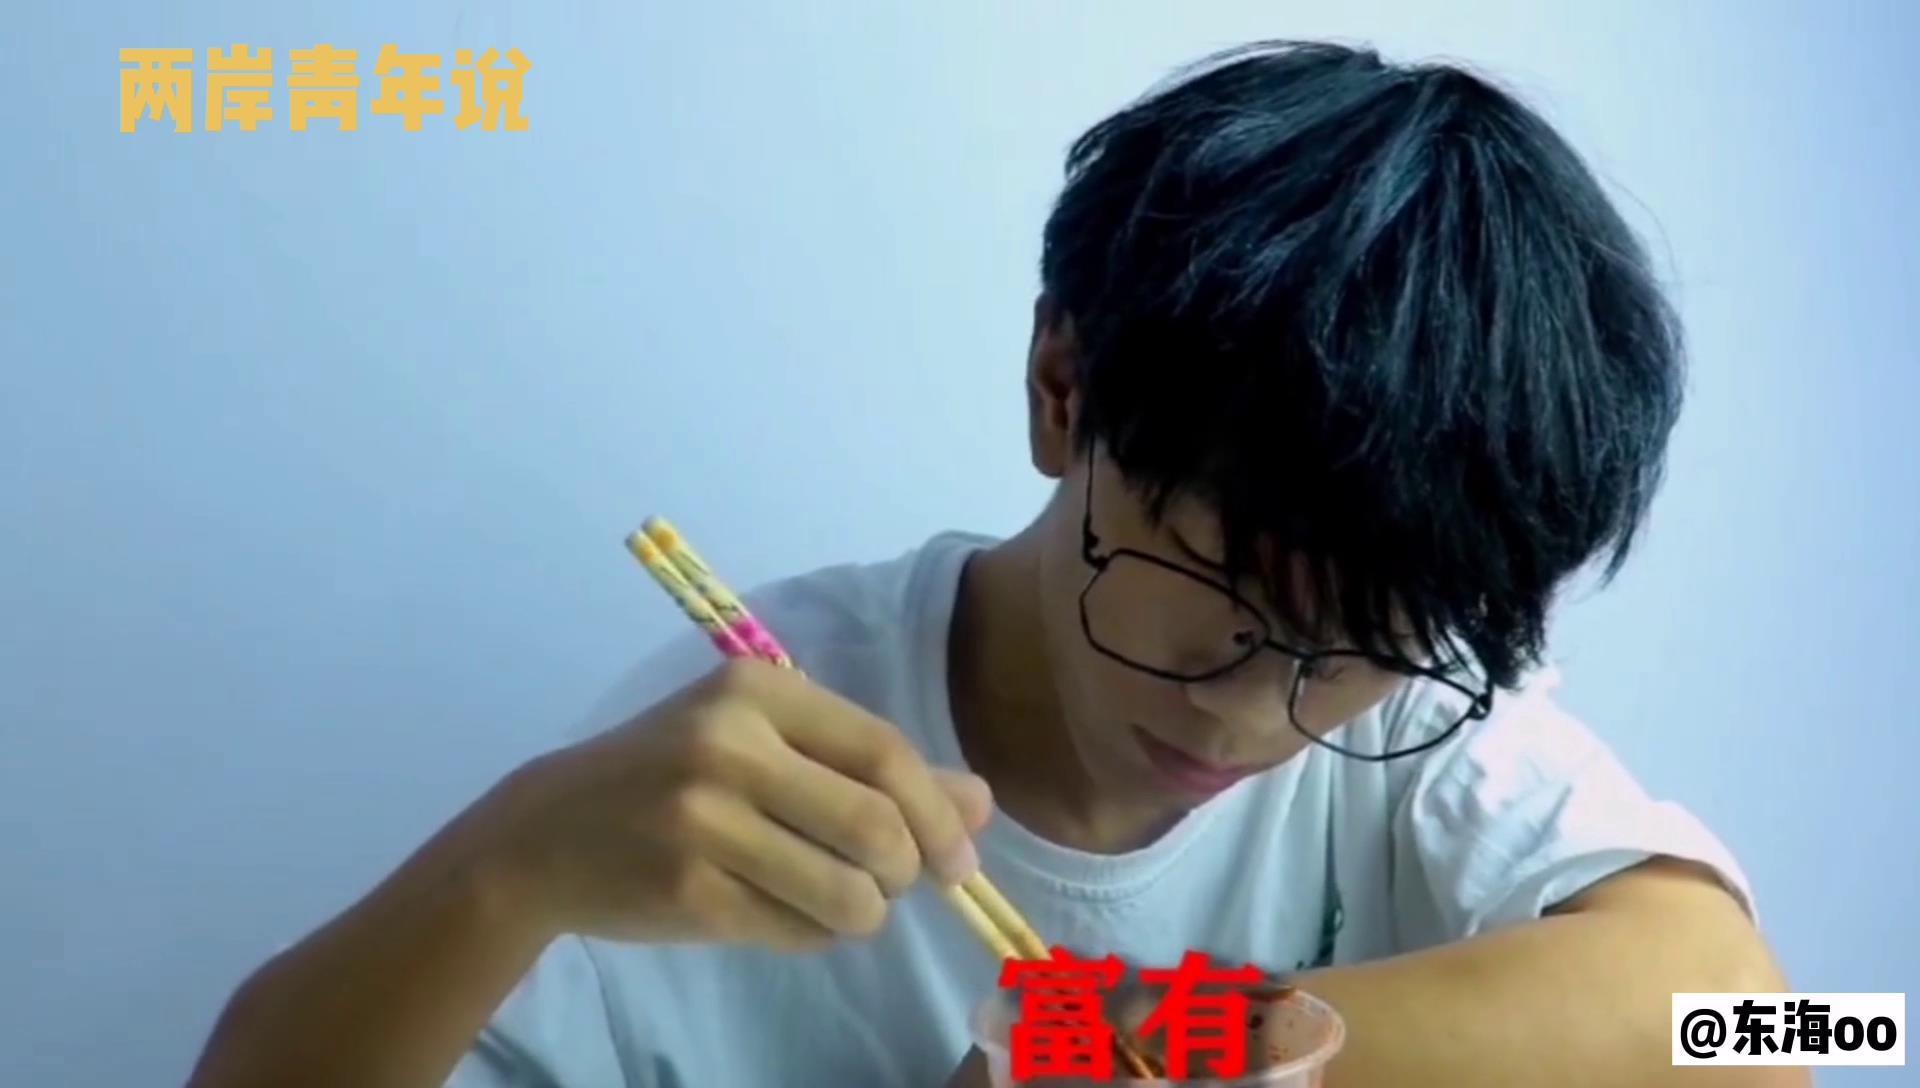 #两岸青年说#台湾人真的认为大陆人吃不起榨菜吗?图片